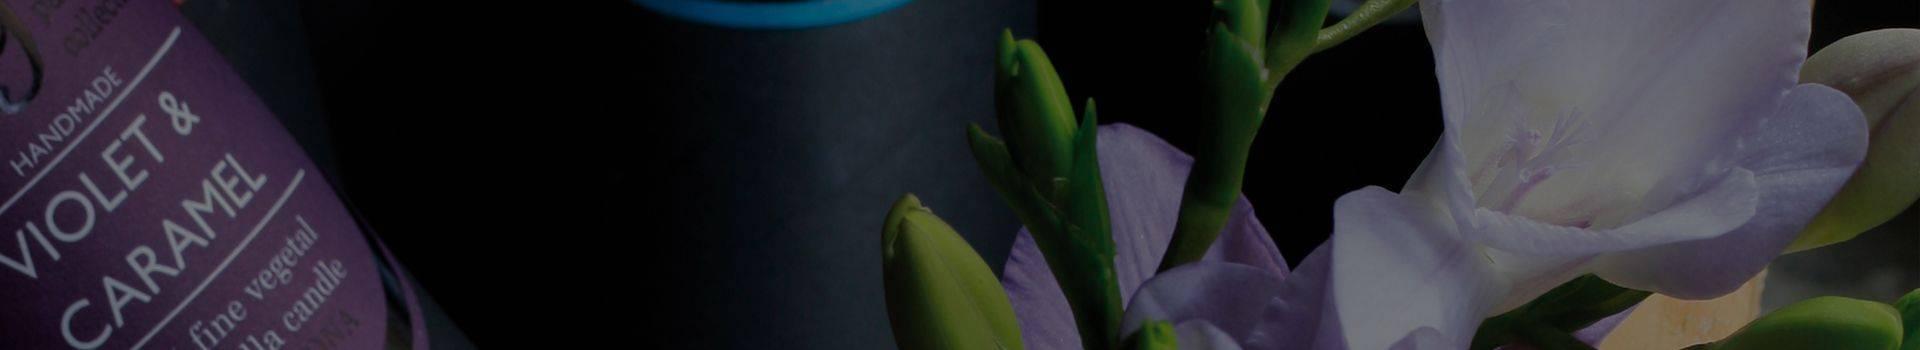 Velas perfumadas. Velas de miel. Velas de cera vegetal